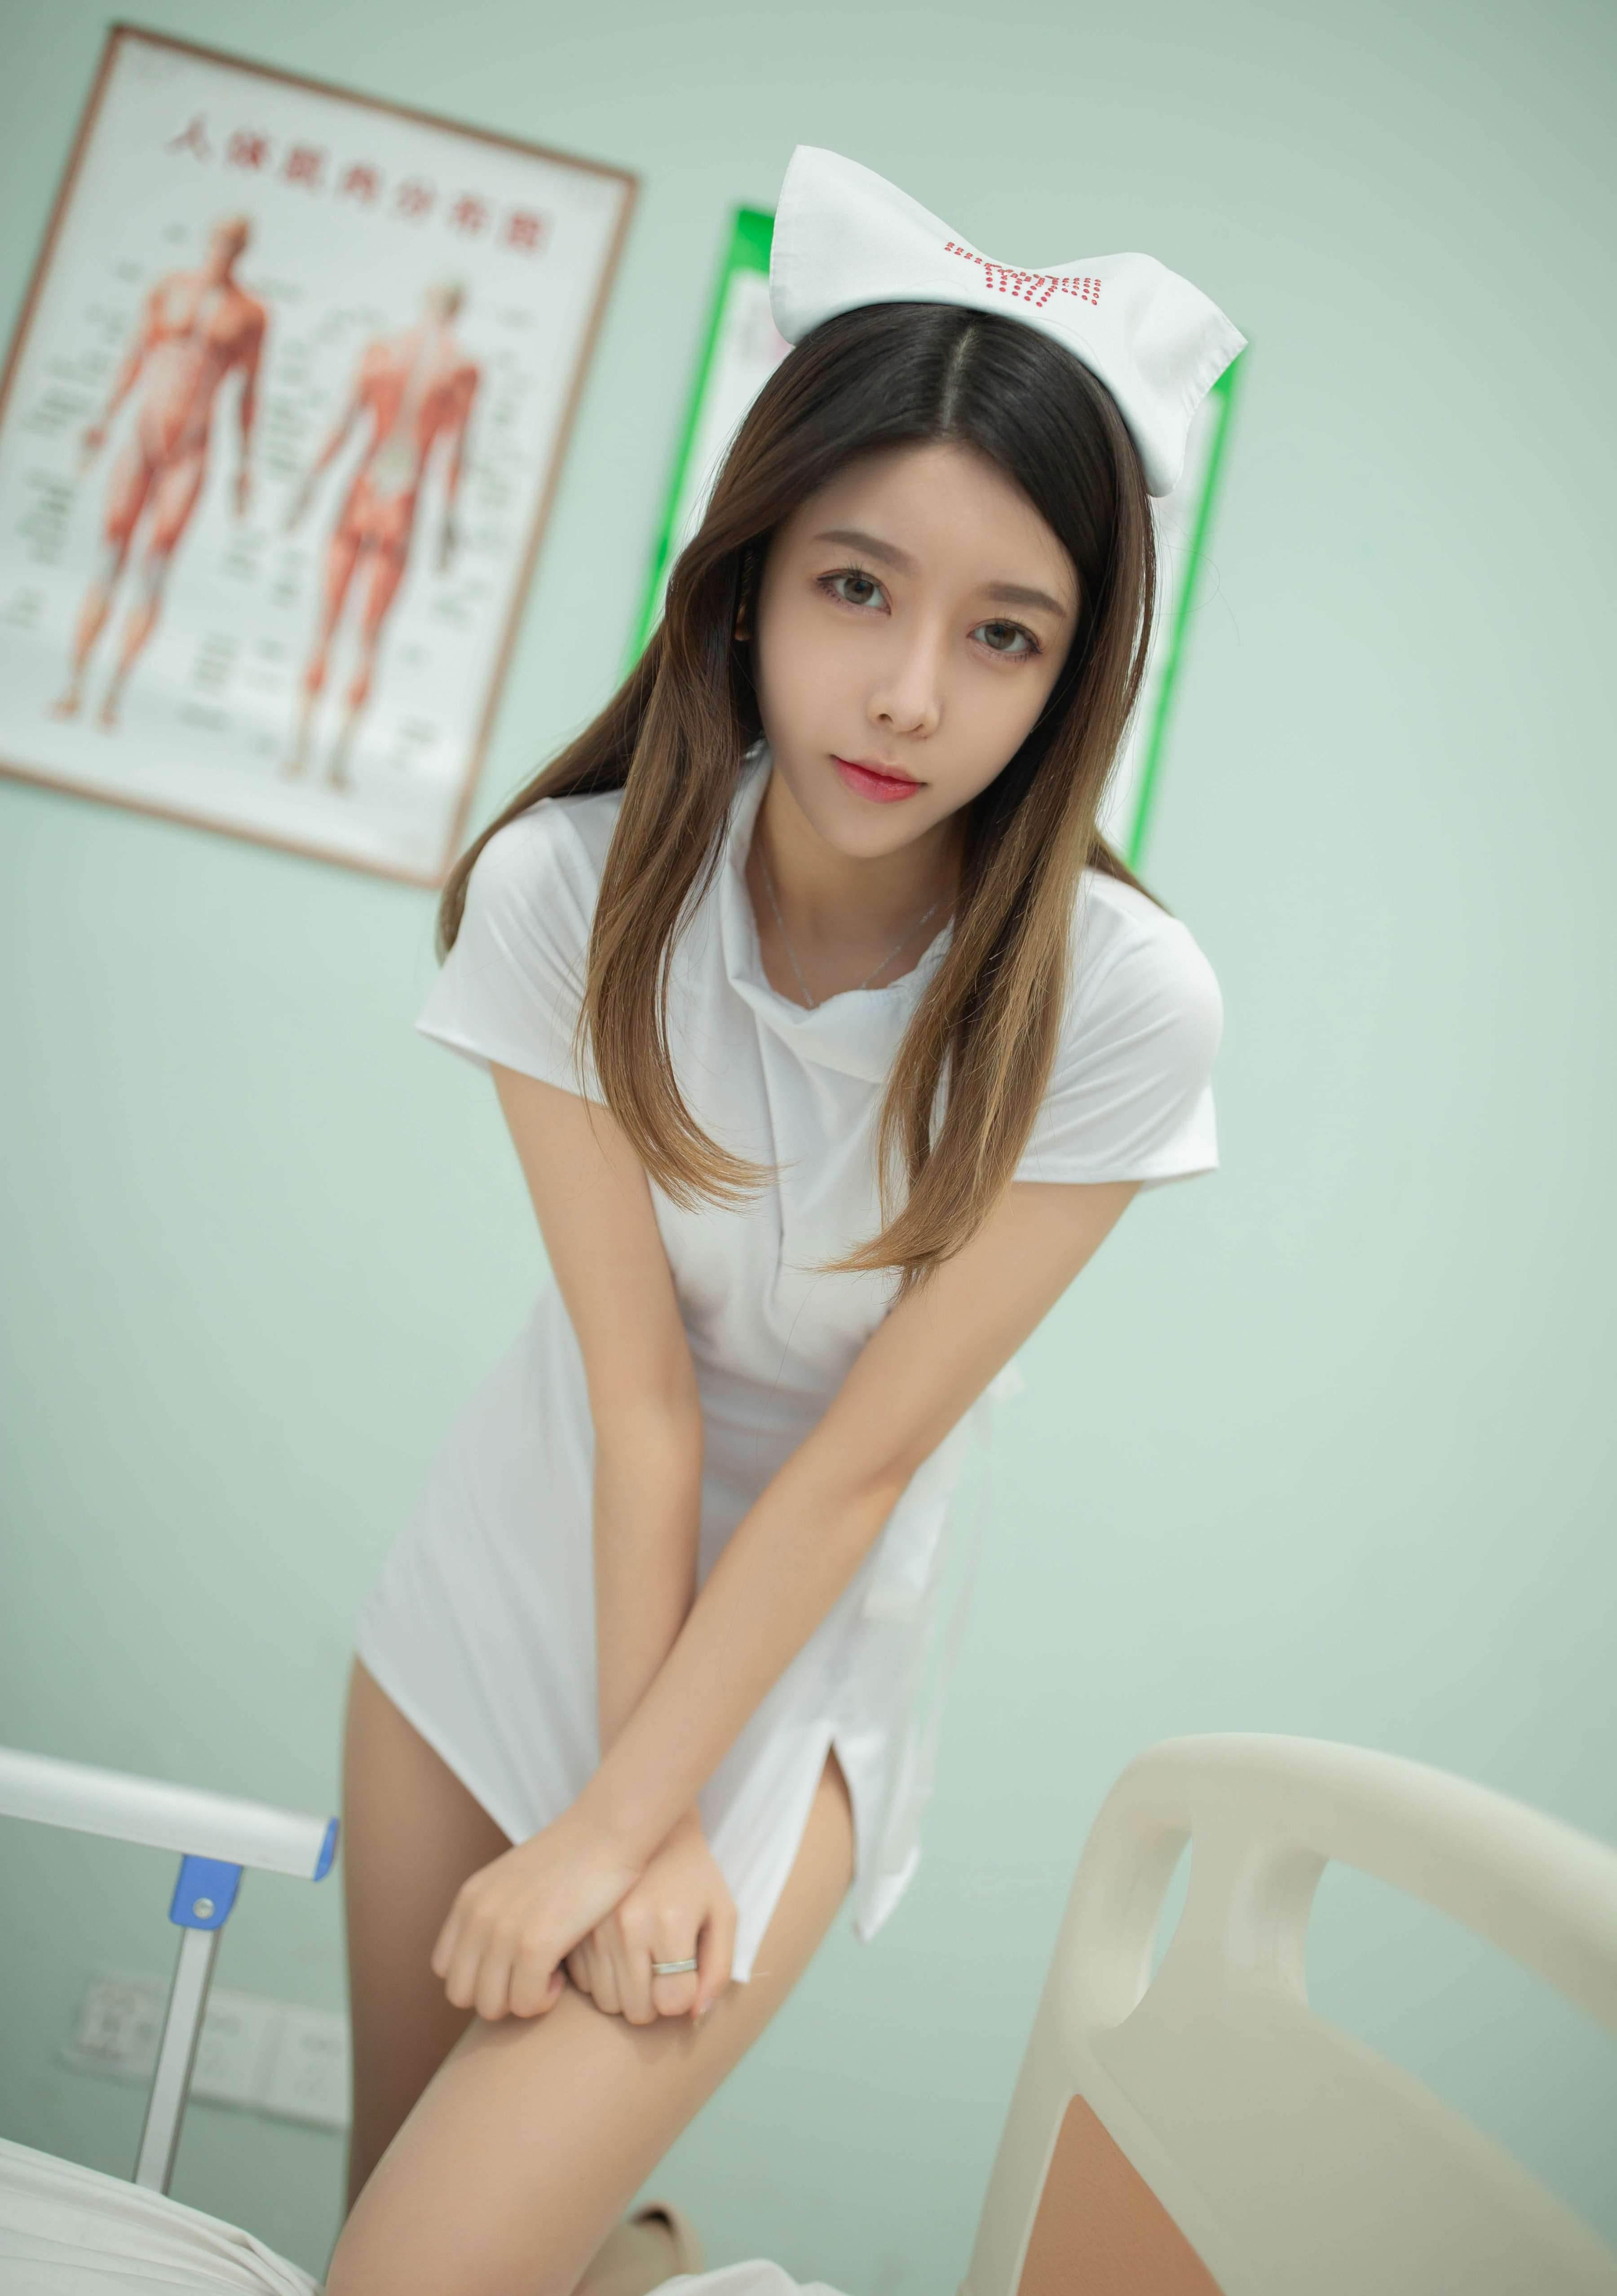 第11期身材多姿的小姐姐夏诗诗_图片2